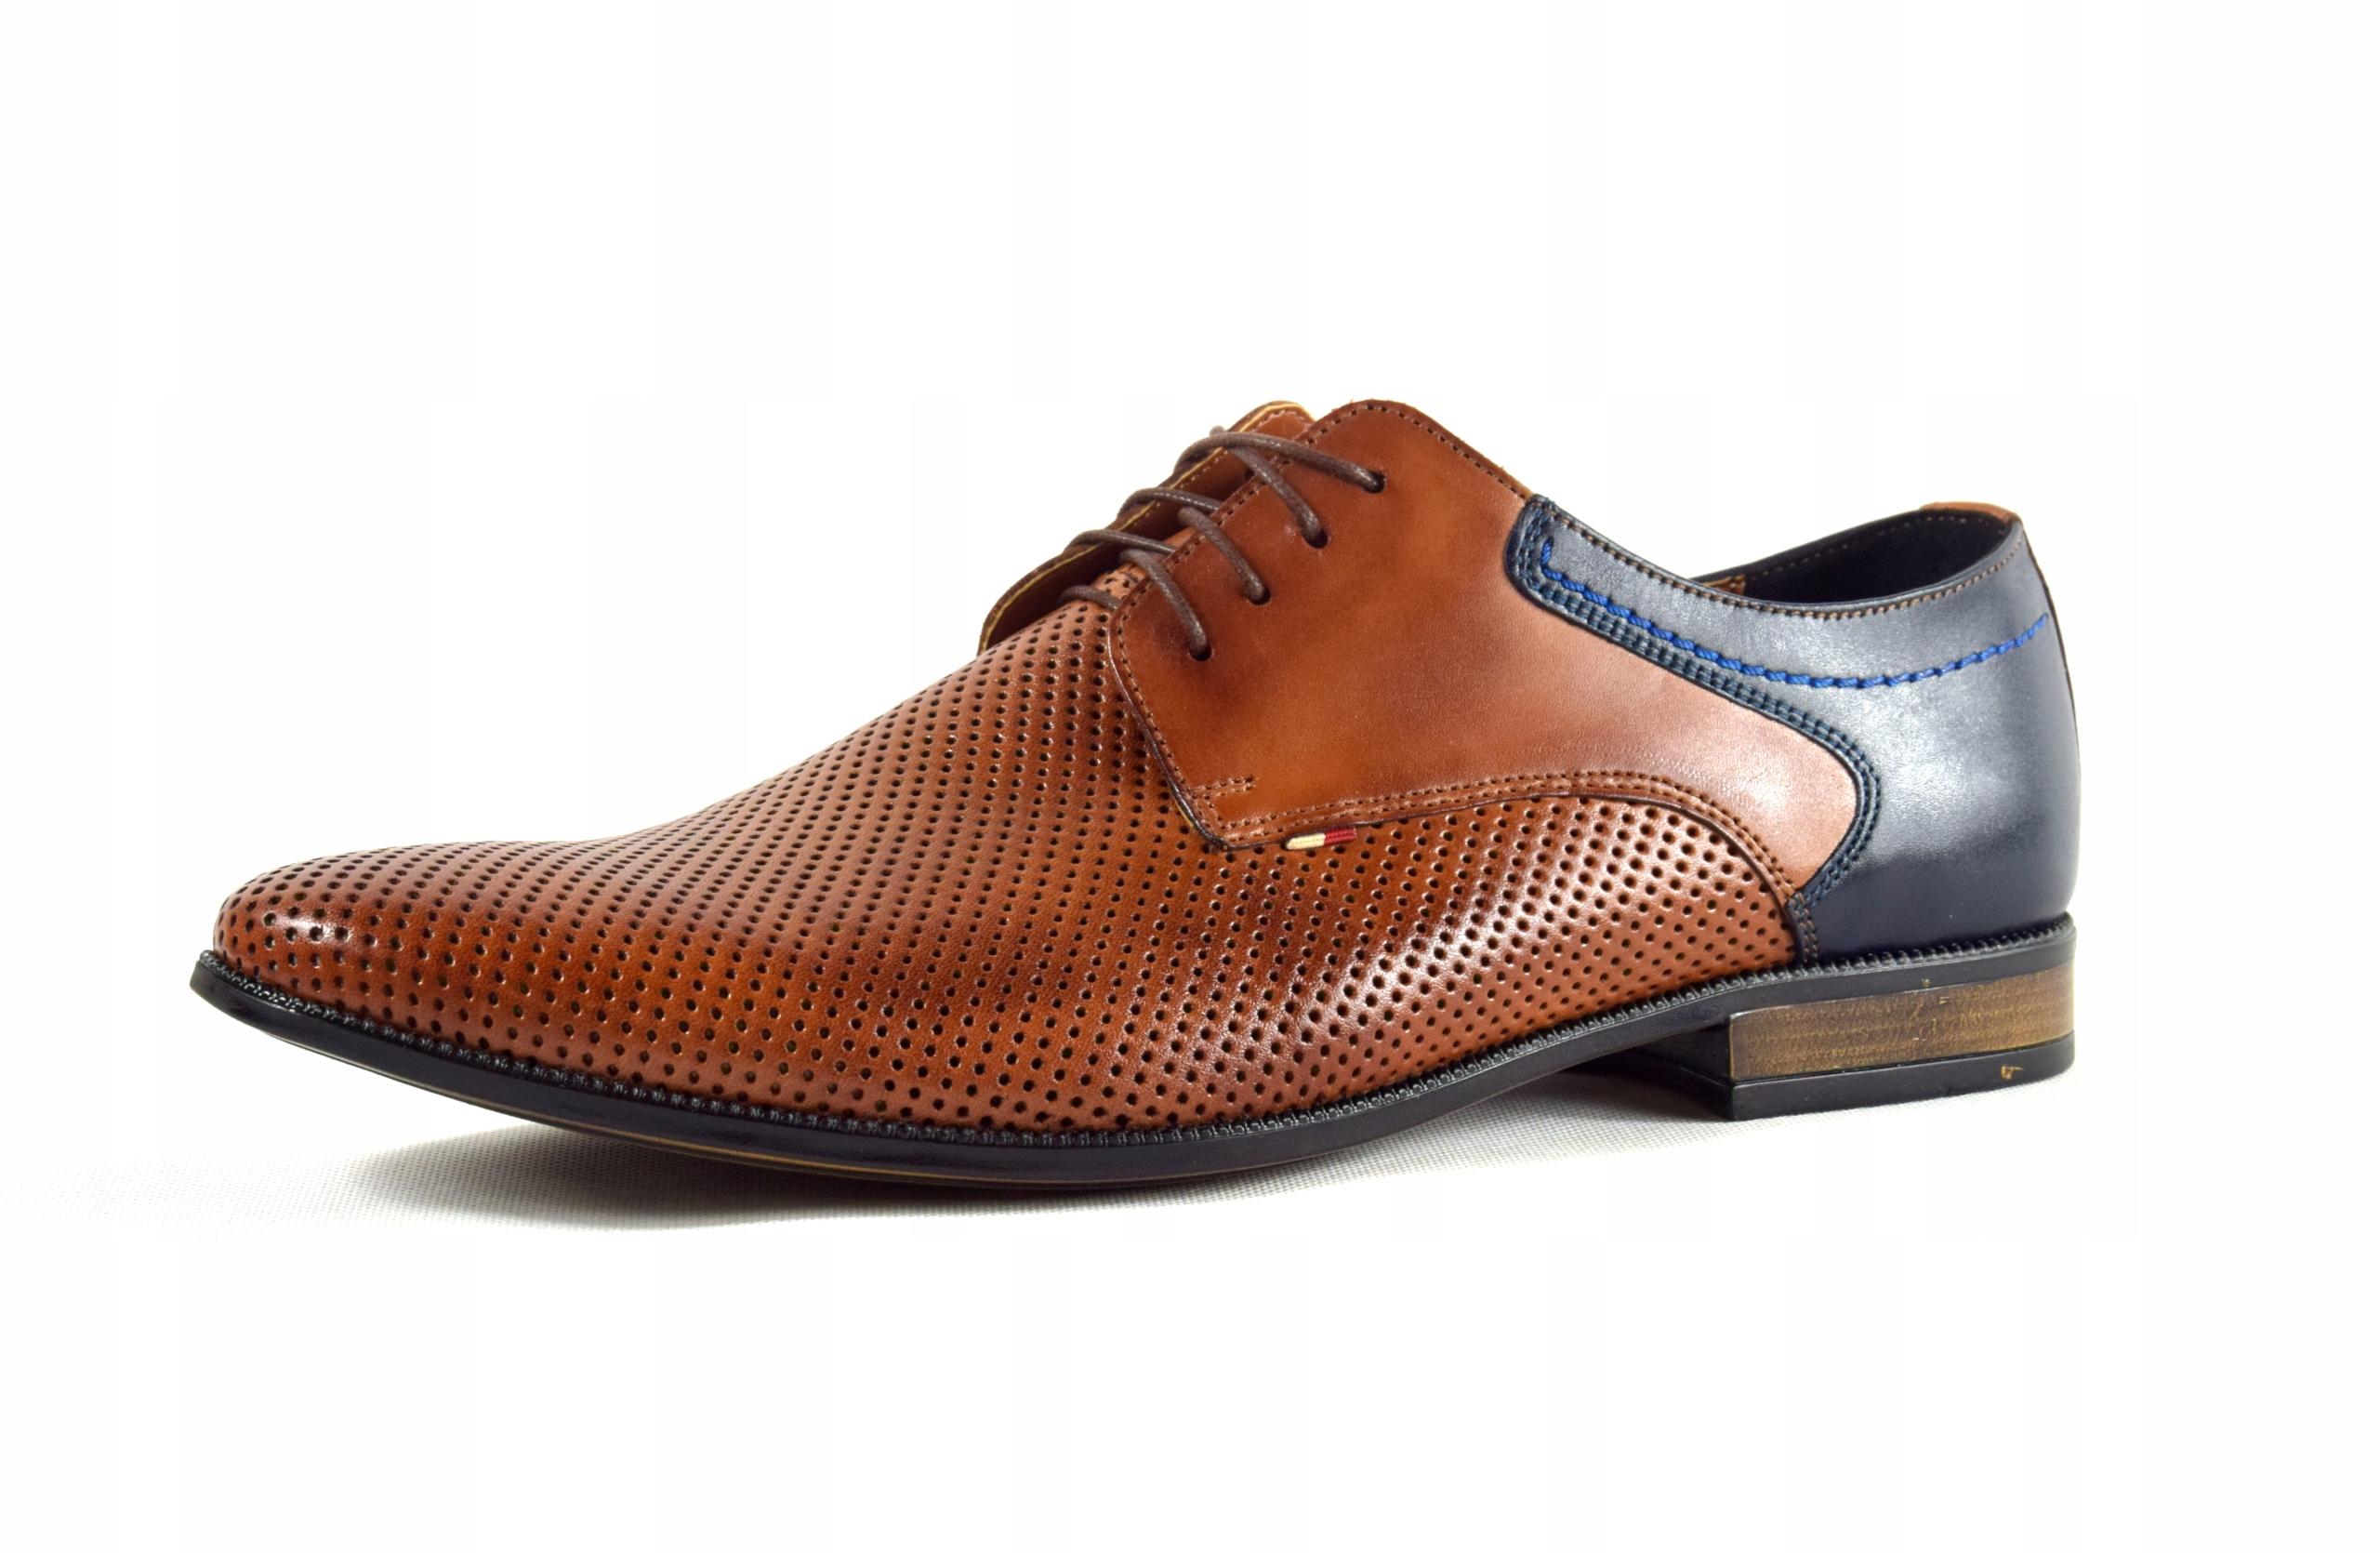 Buty męskie wizytowe skórzane brązowe obuwie 322 Marka inna